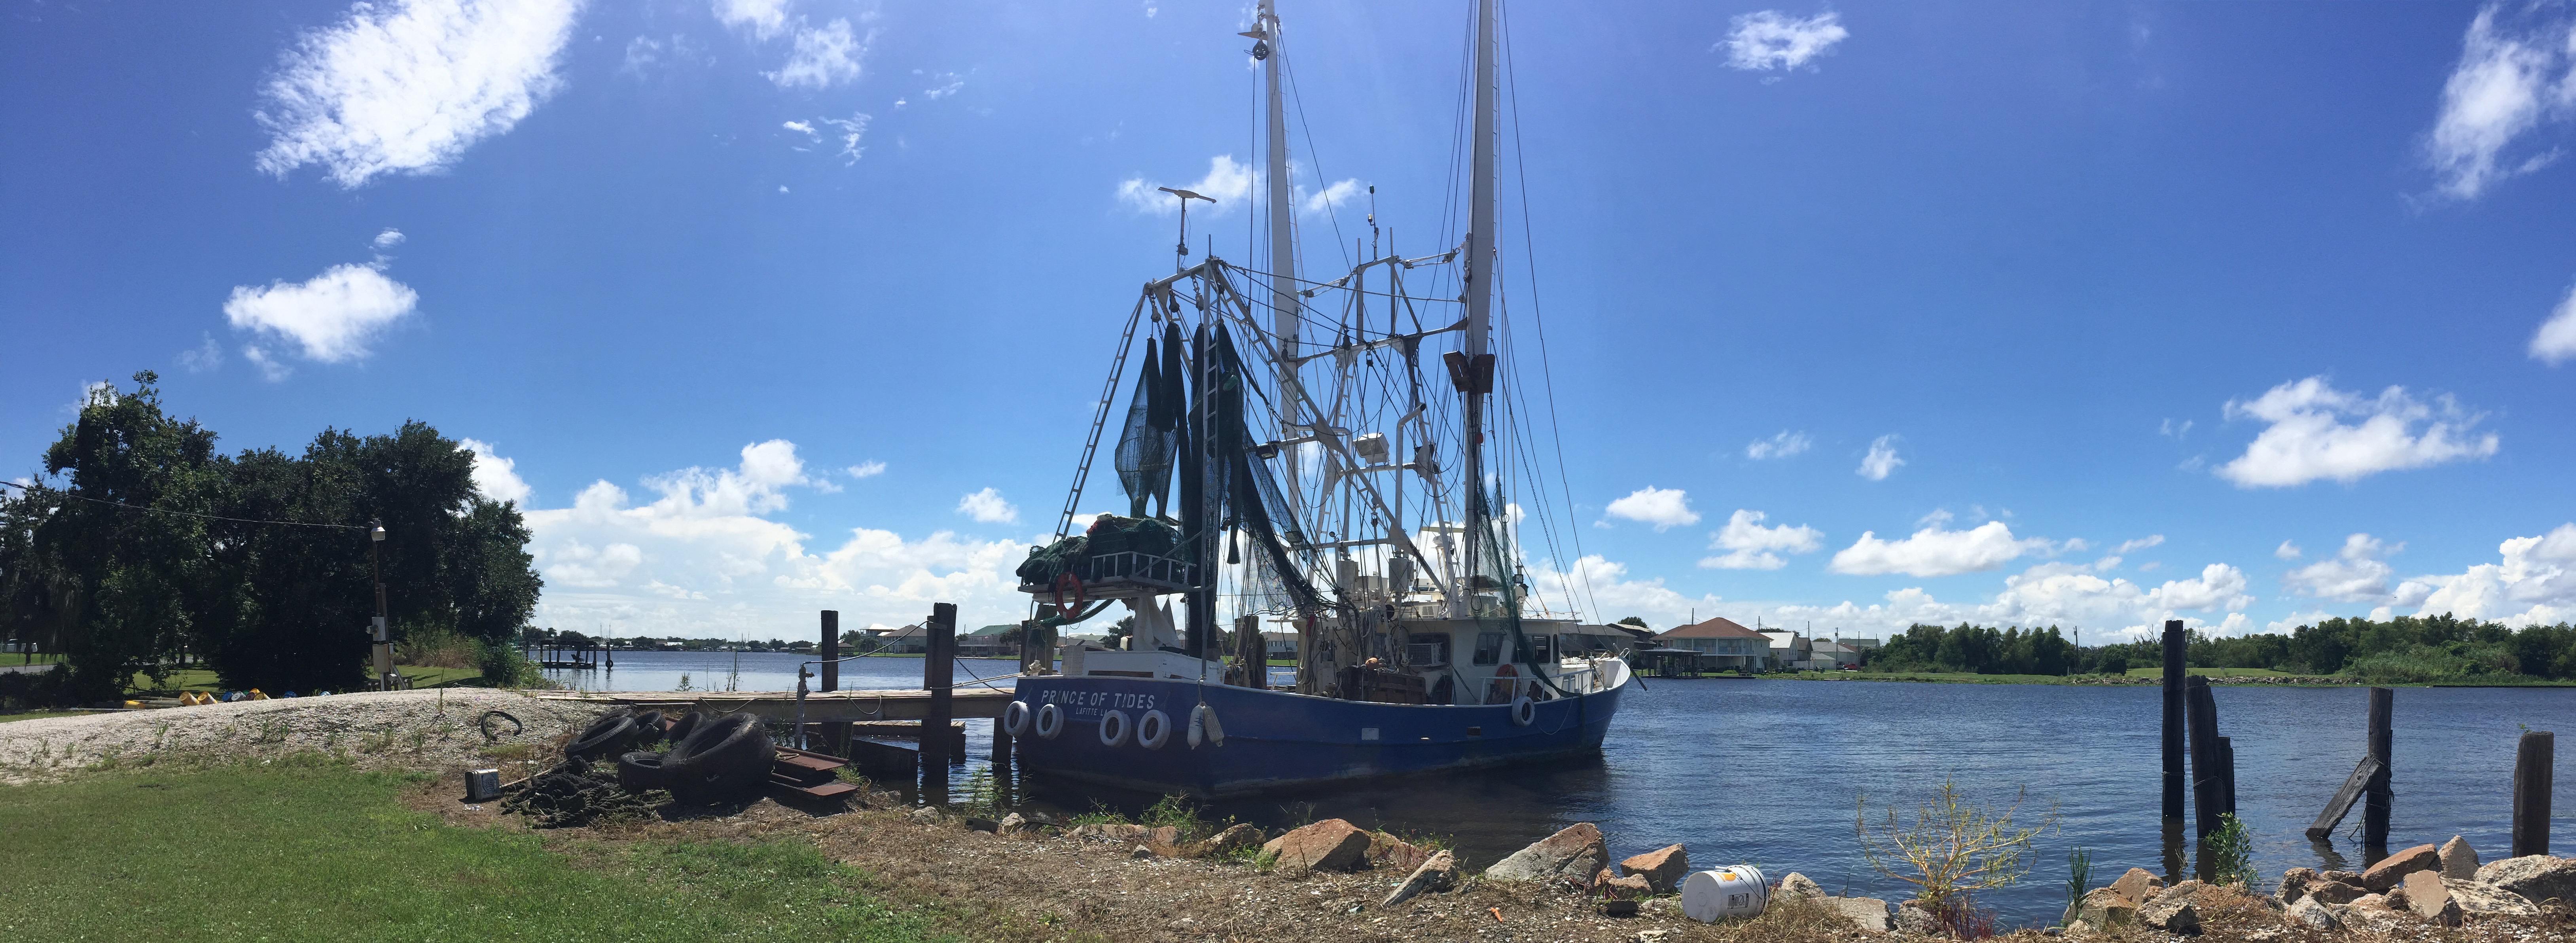 shrimp-boat-cropped